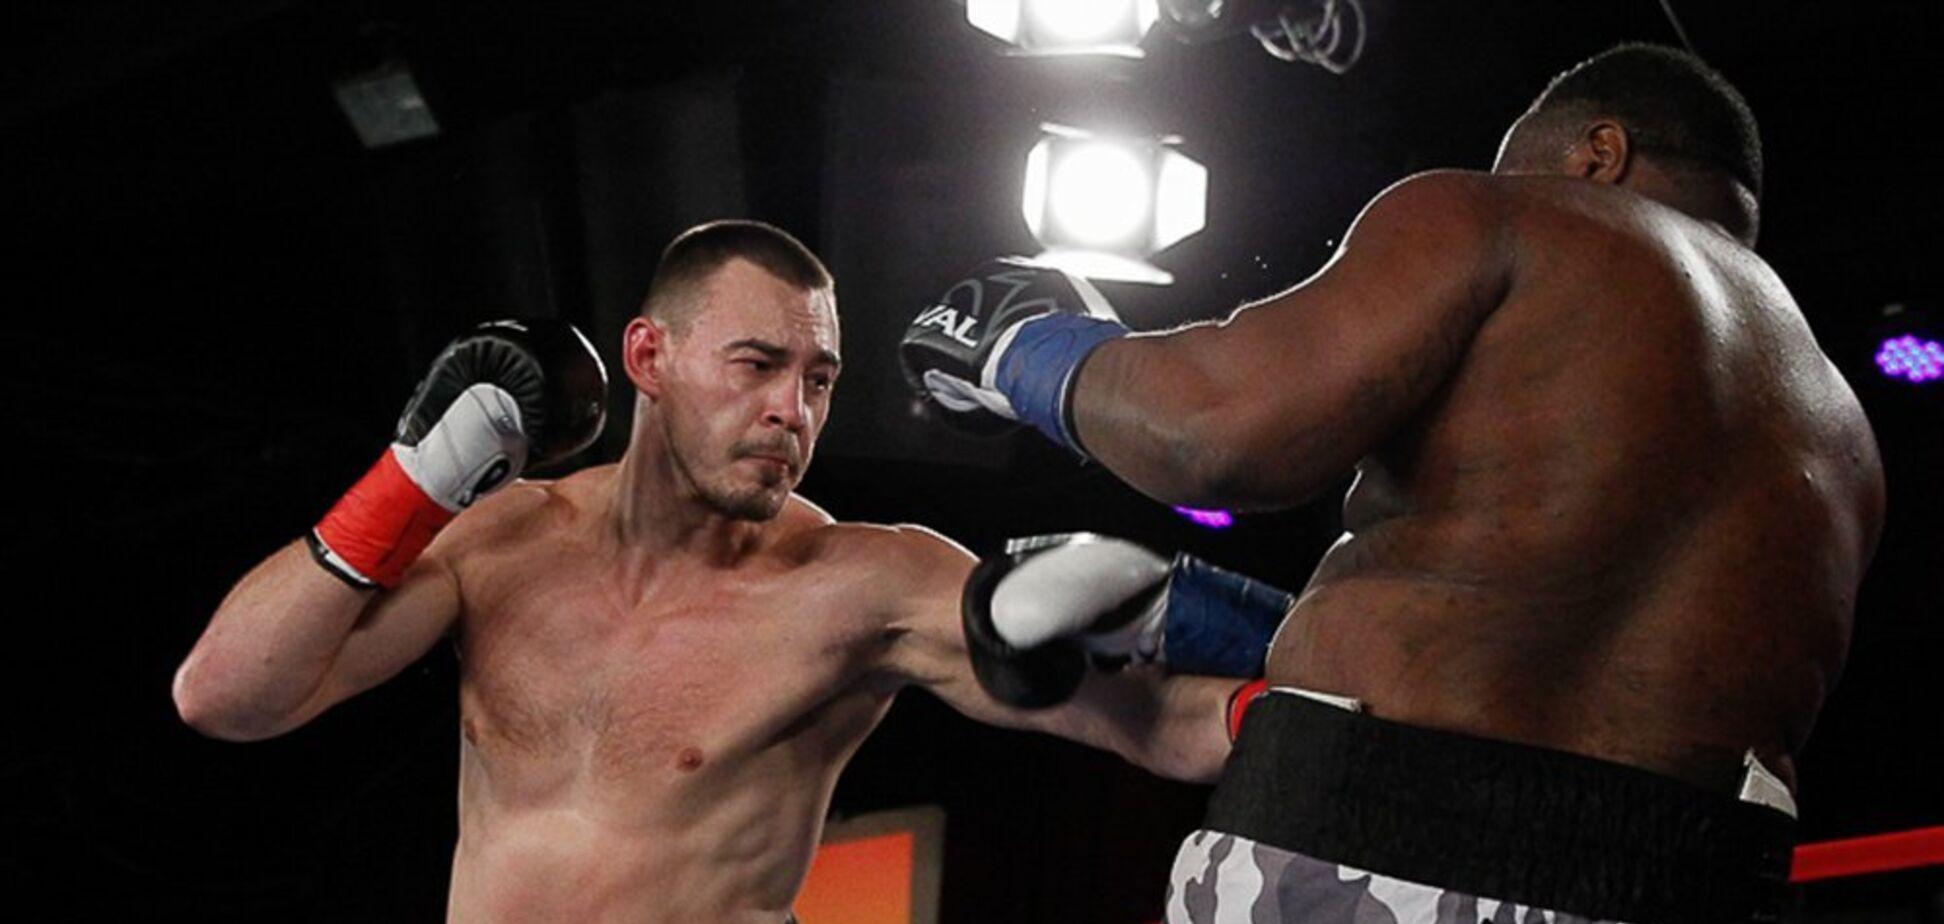 Впервые в карьере: украинский супертяж сенсационно проиграл чемпионский бой — видео